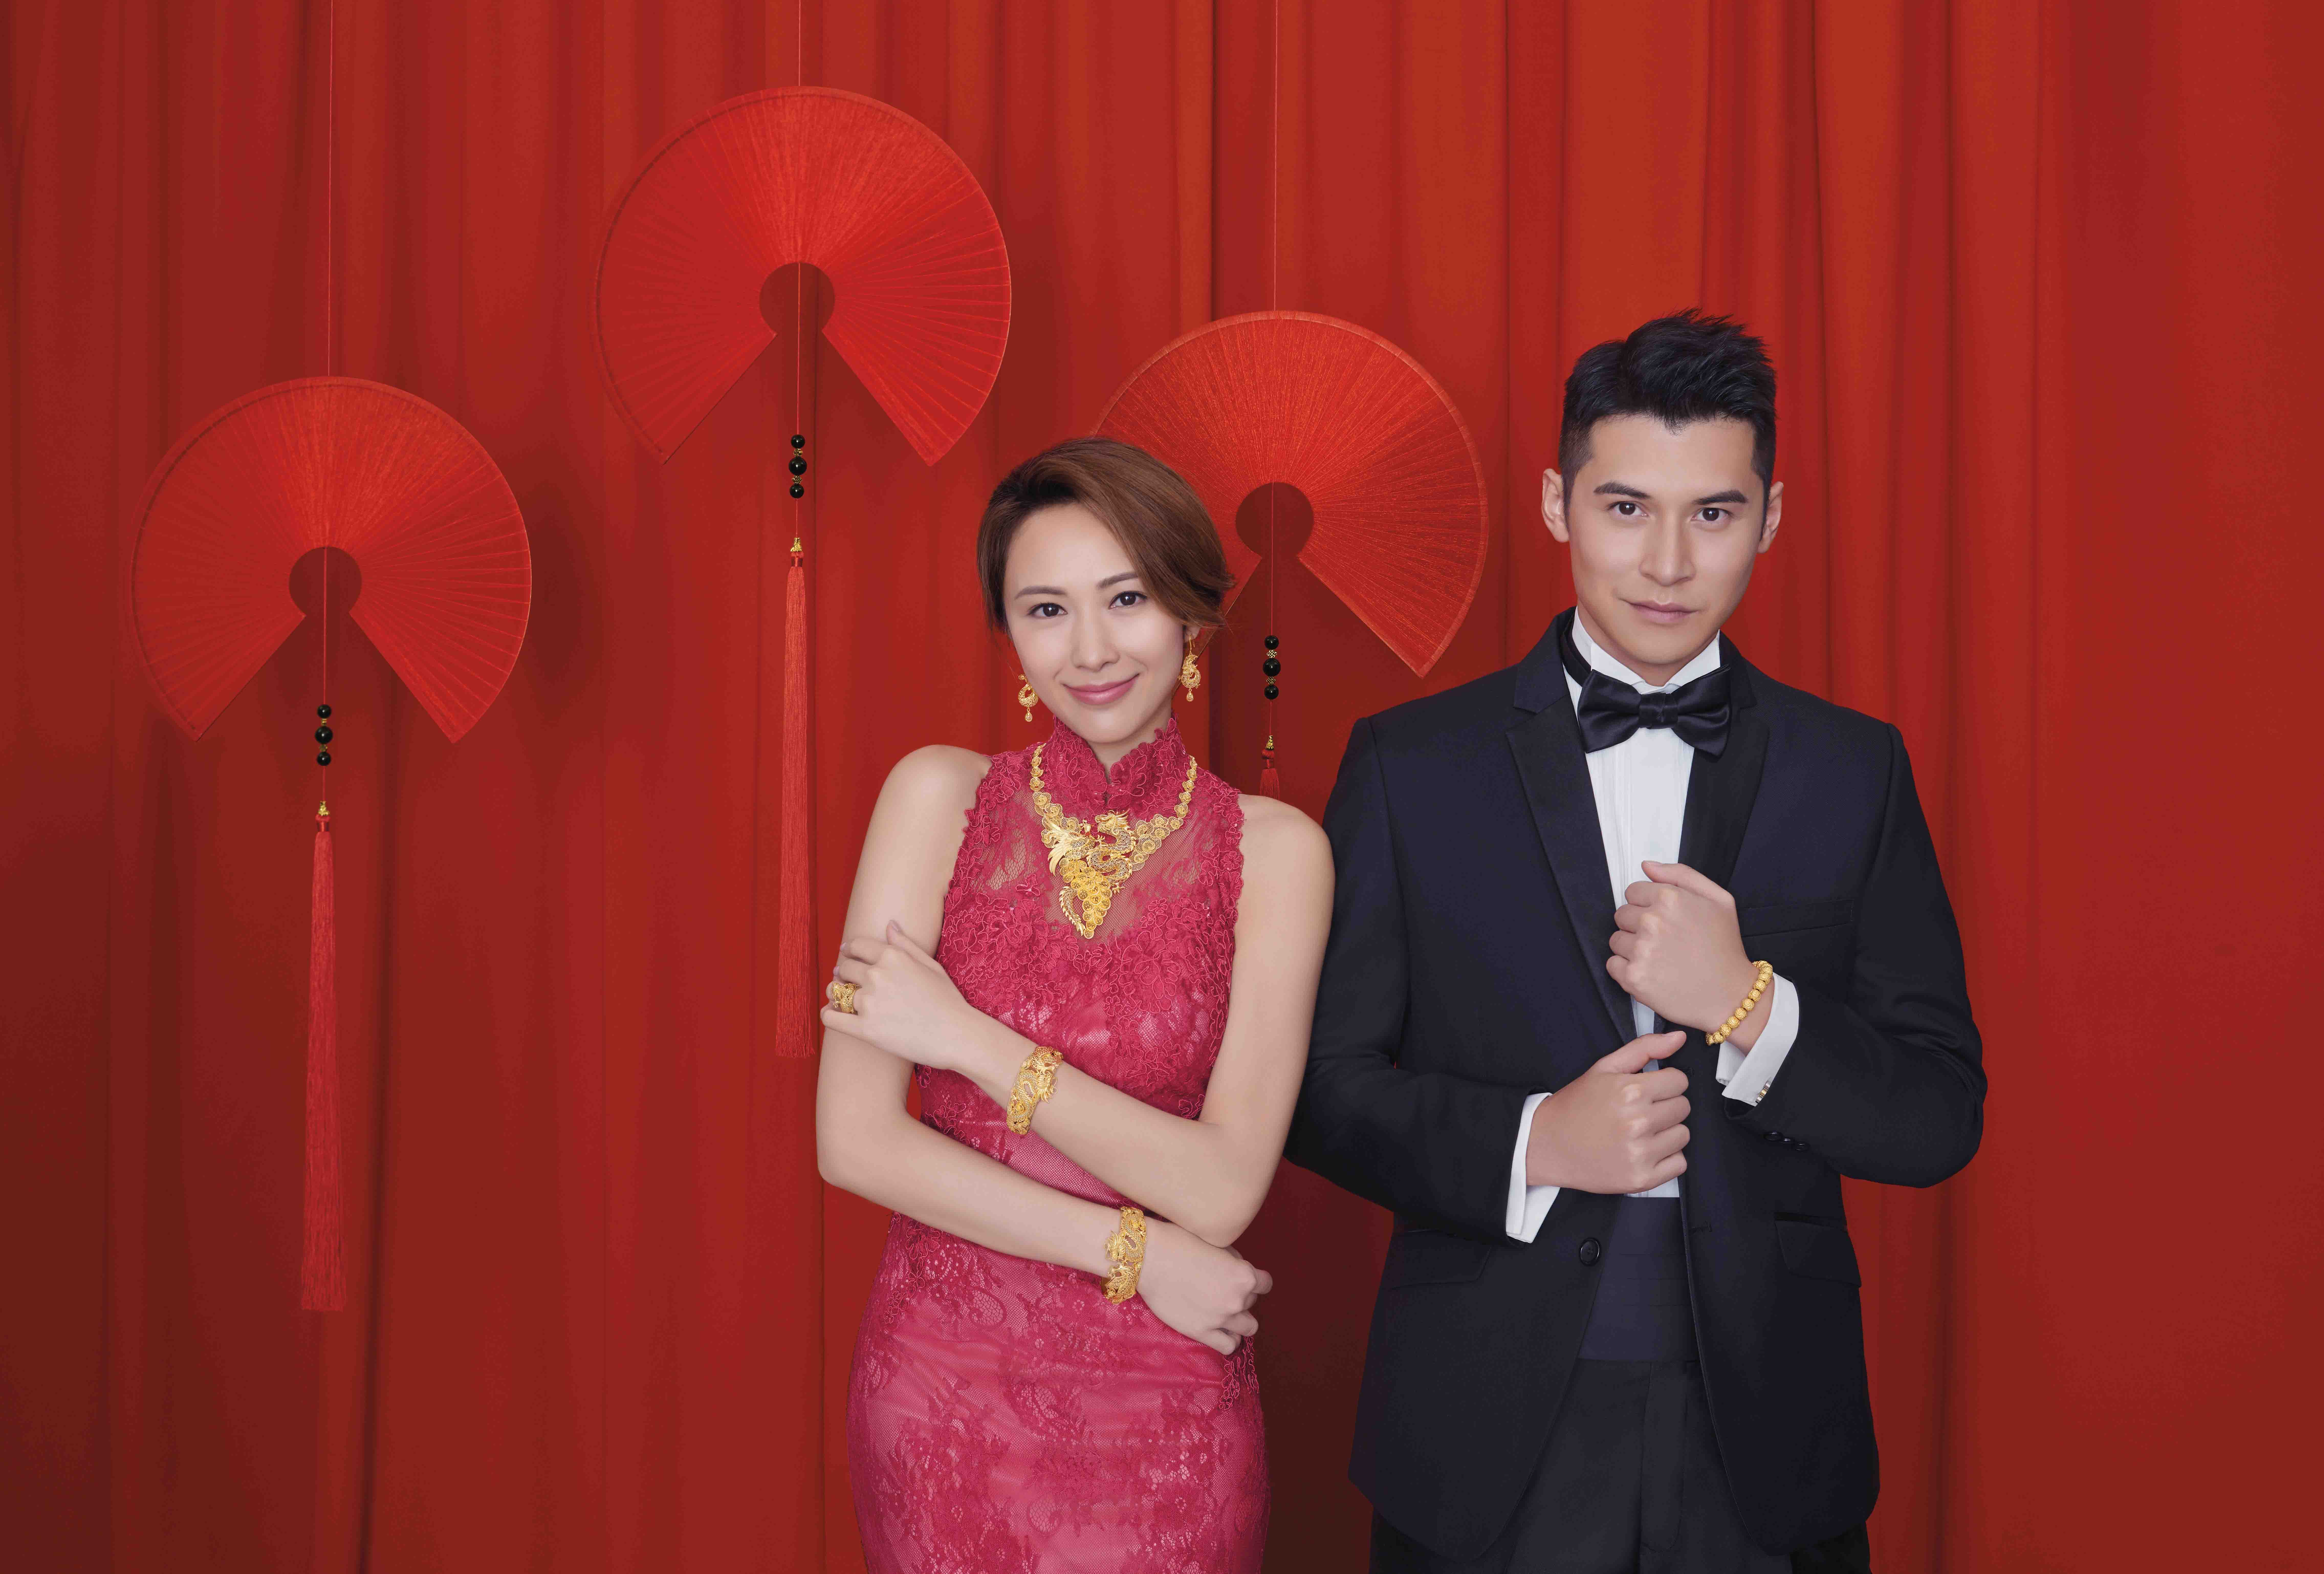 前度余香凝結婚 陳家樂與湯怡甜笑對望影「婚照」